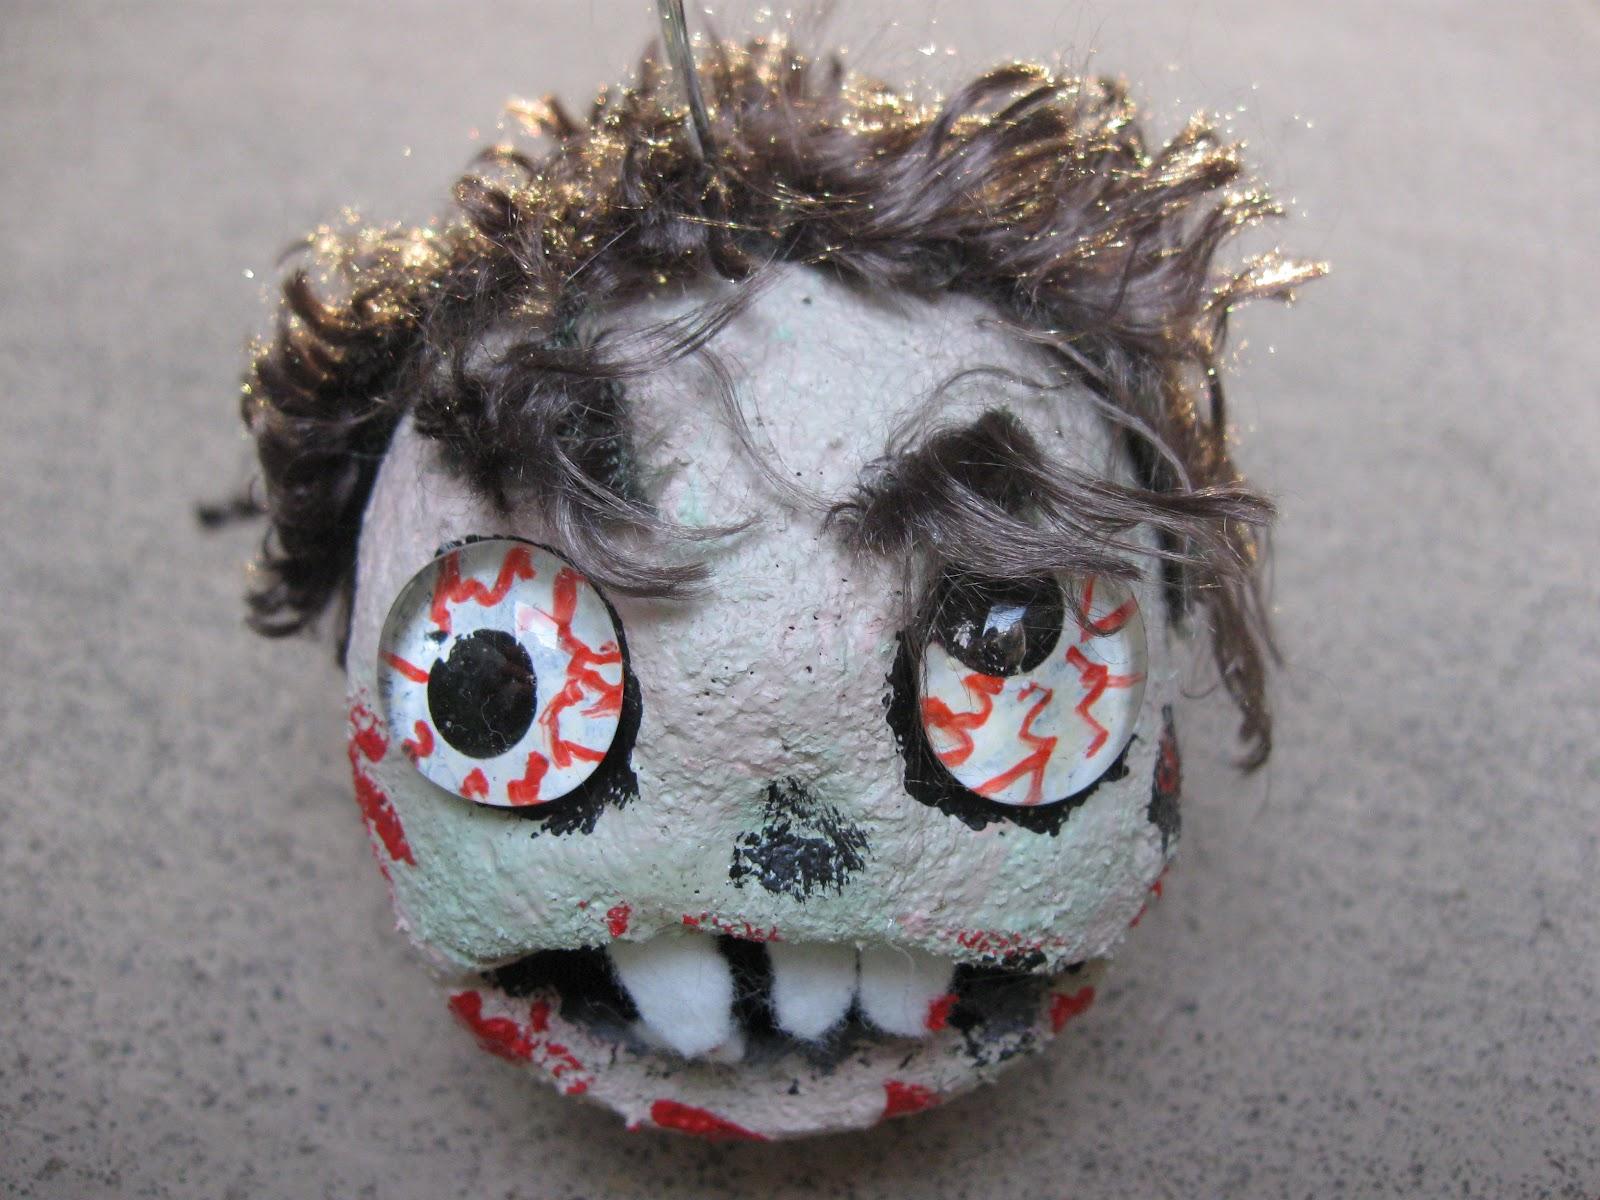 craft klatch zombie craft tutorial great for halloween